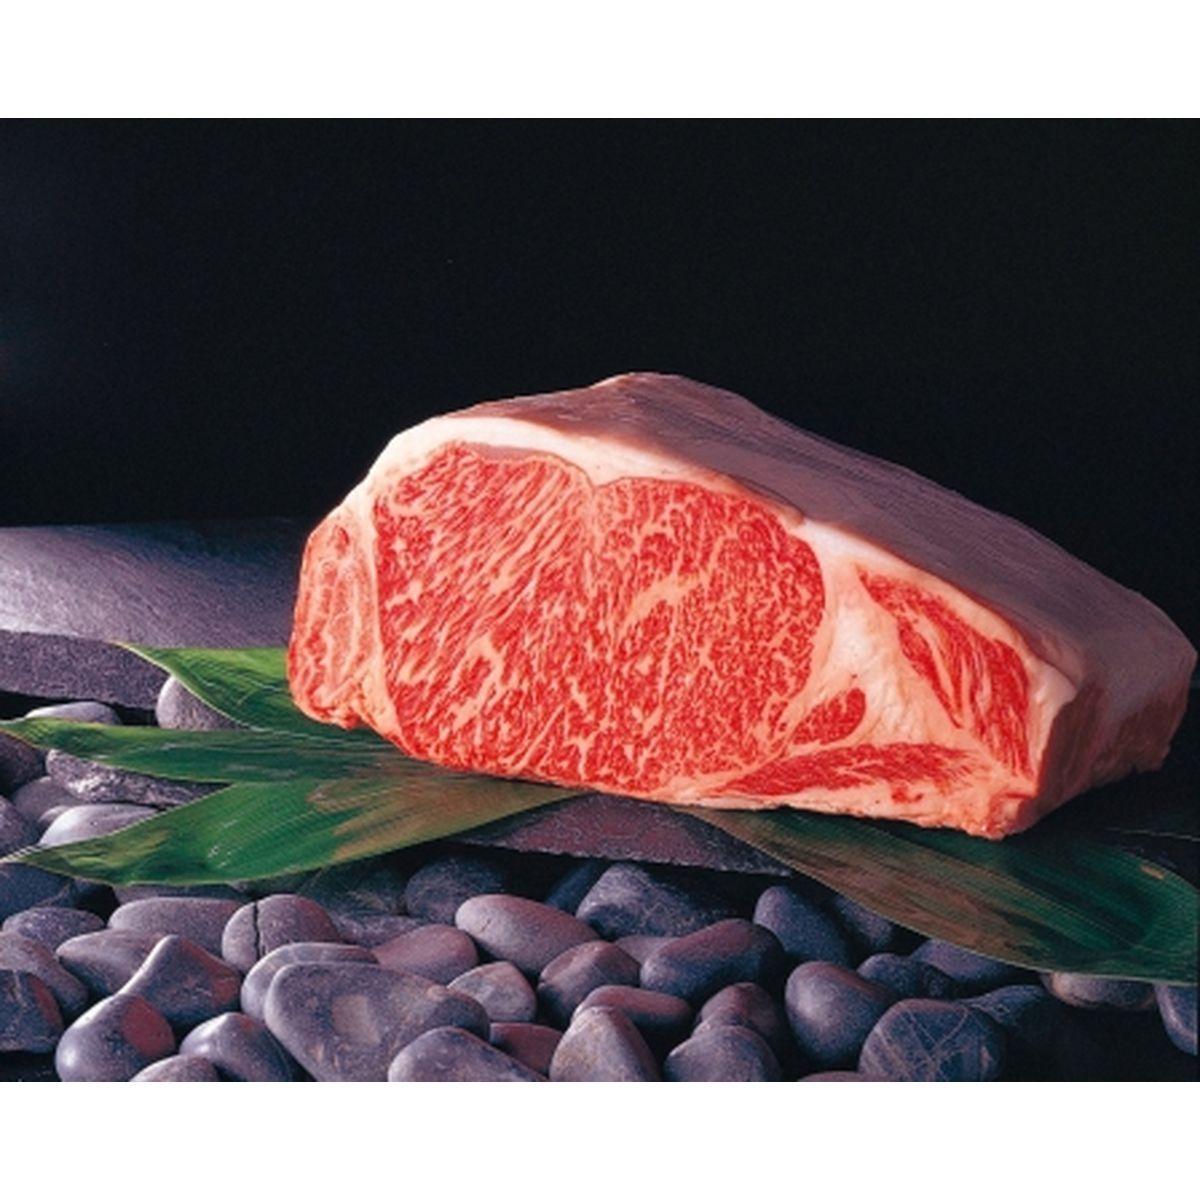 【送料無料】山形農業協同組合 山形牛 モモ ステーキ用 480g